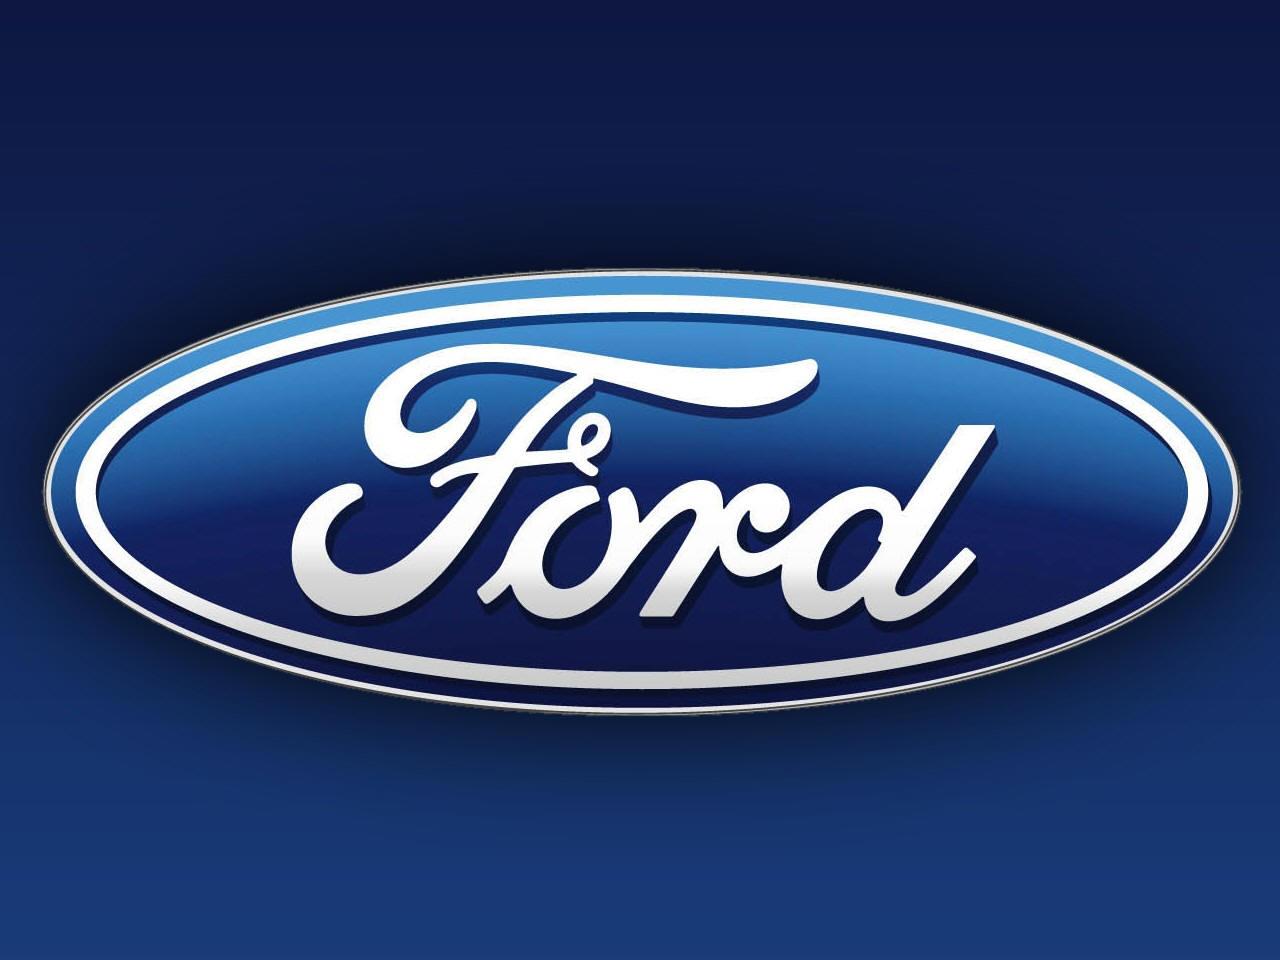 Ford Motor Company Wikipedia the free encyclopedia